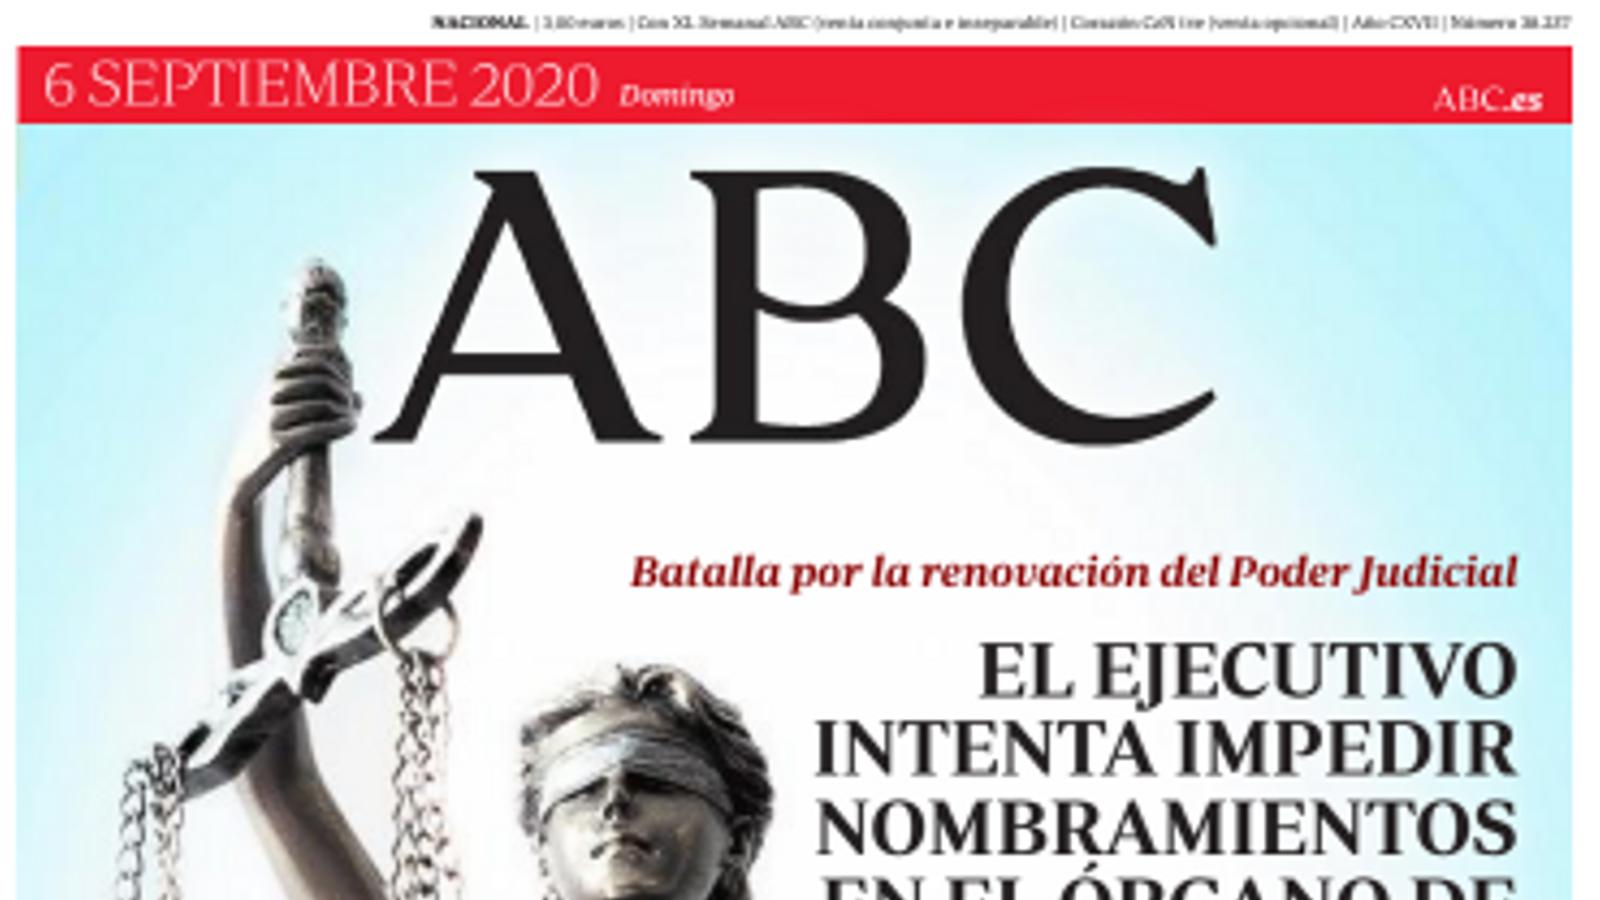 La portada de l'Abc' del diumenge 6 de setembre de 2020